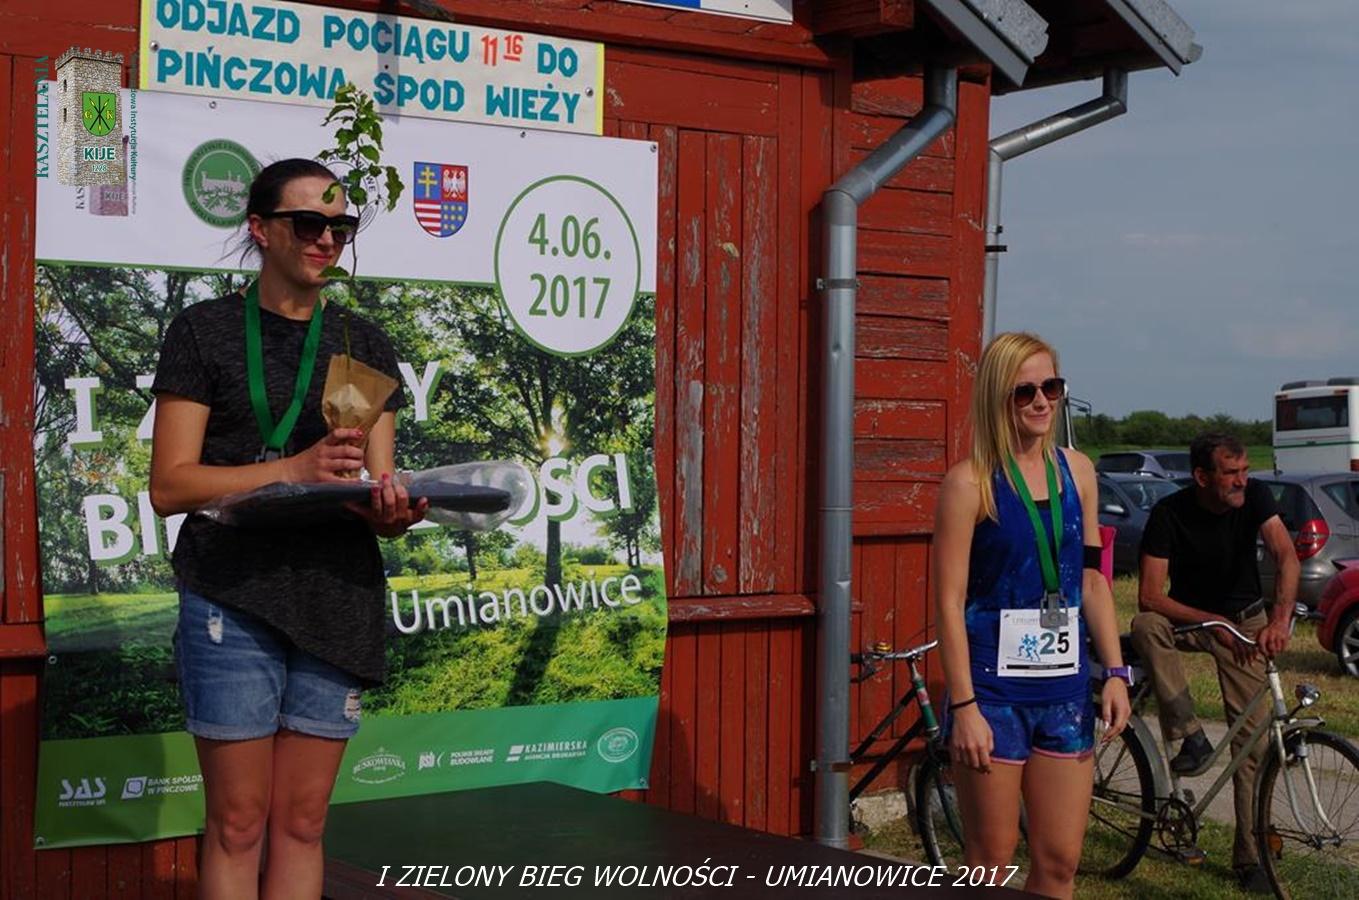 images/galleries/imprezy/2017/bieg_wolnosci/foto_kasztelania/IMGP0992 (Copy)